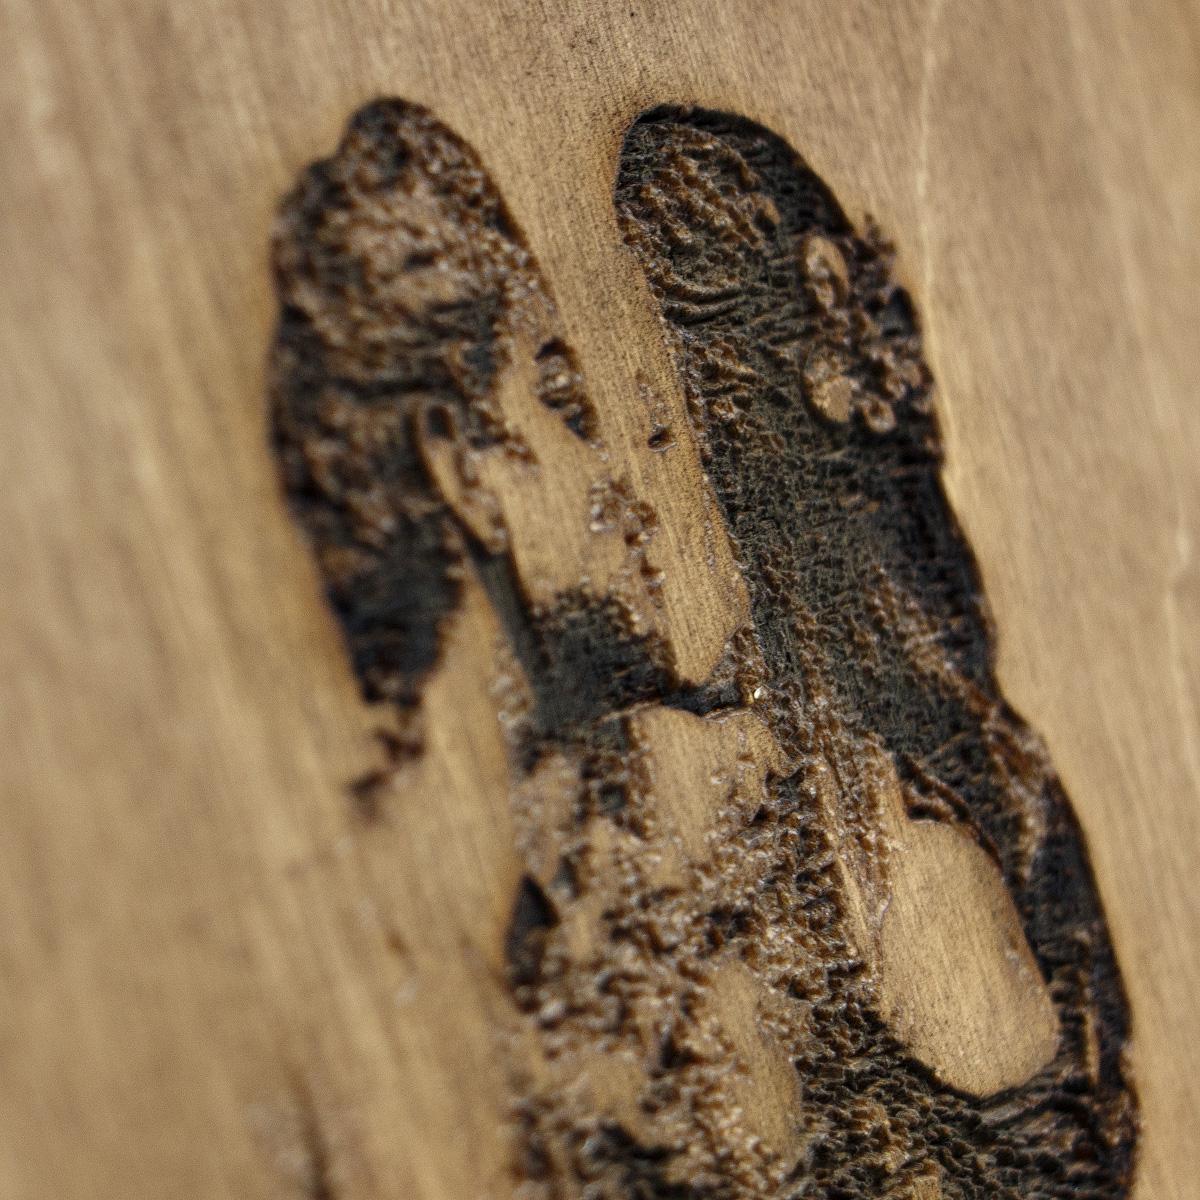 Gravur auf Holz unsere Leidenschaft